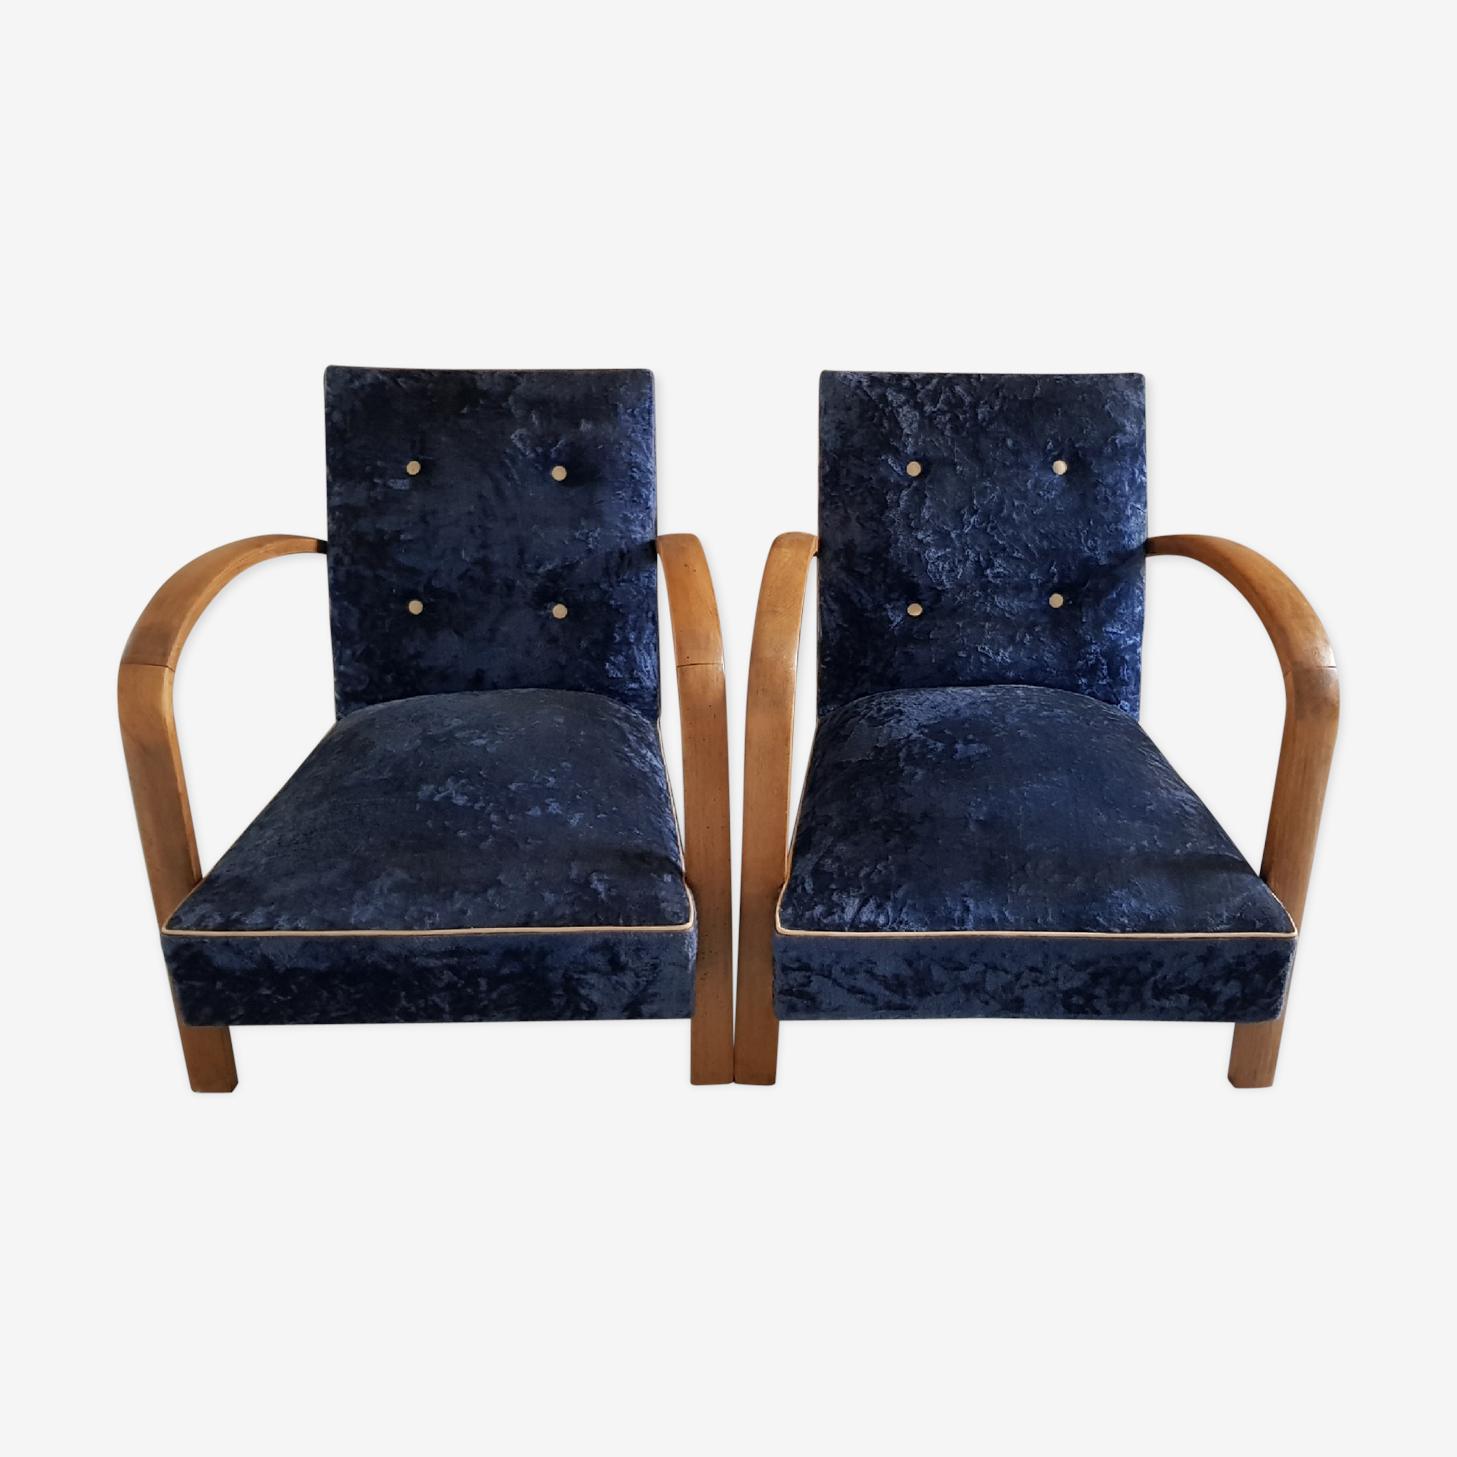 Paire de fauteuils bois et velours